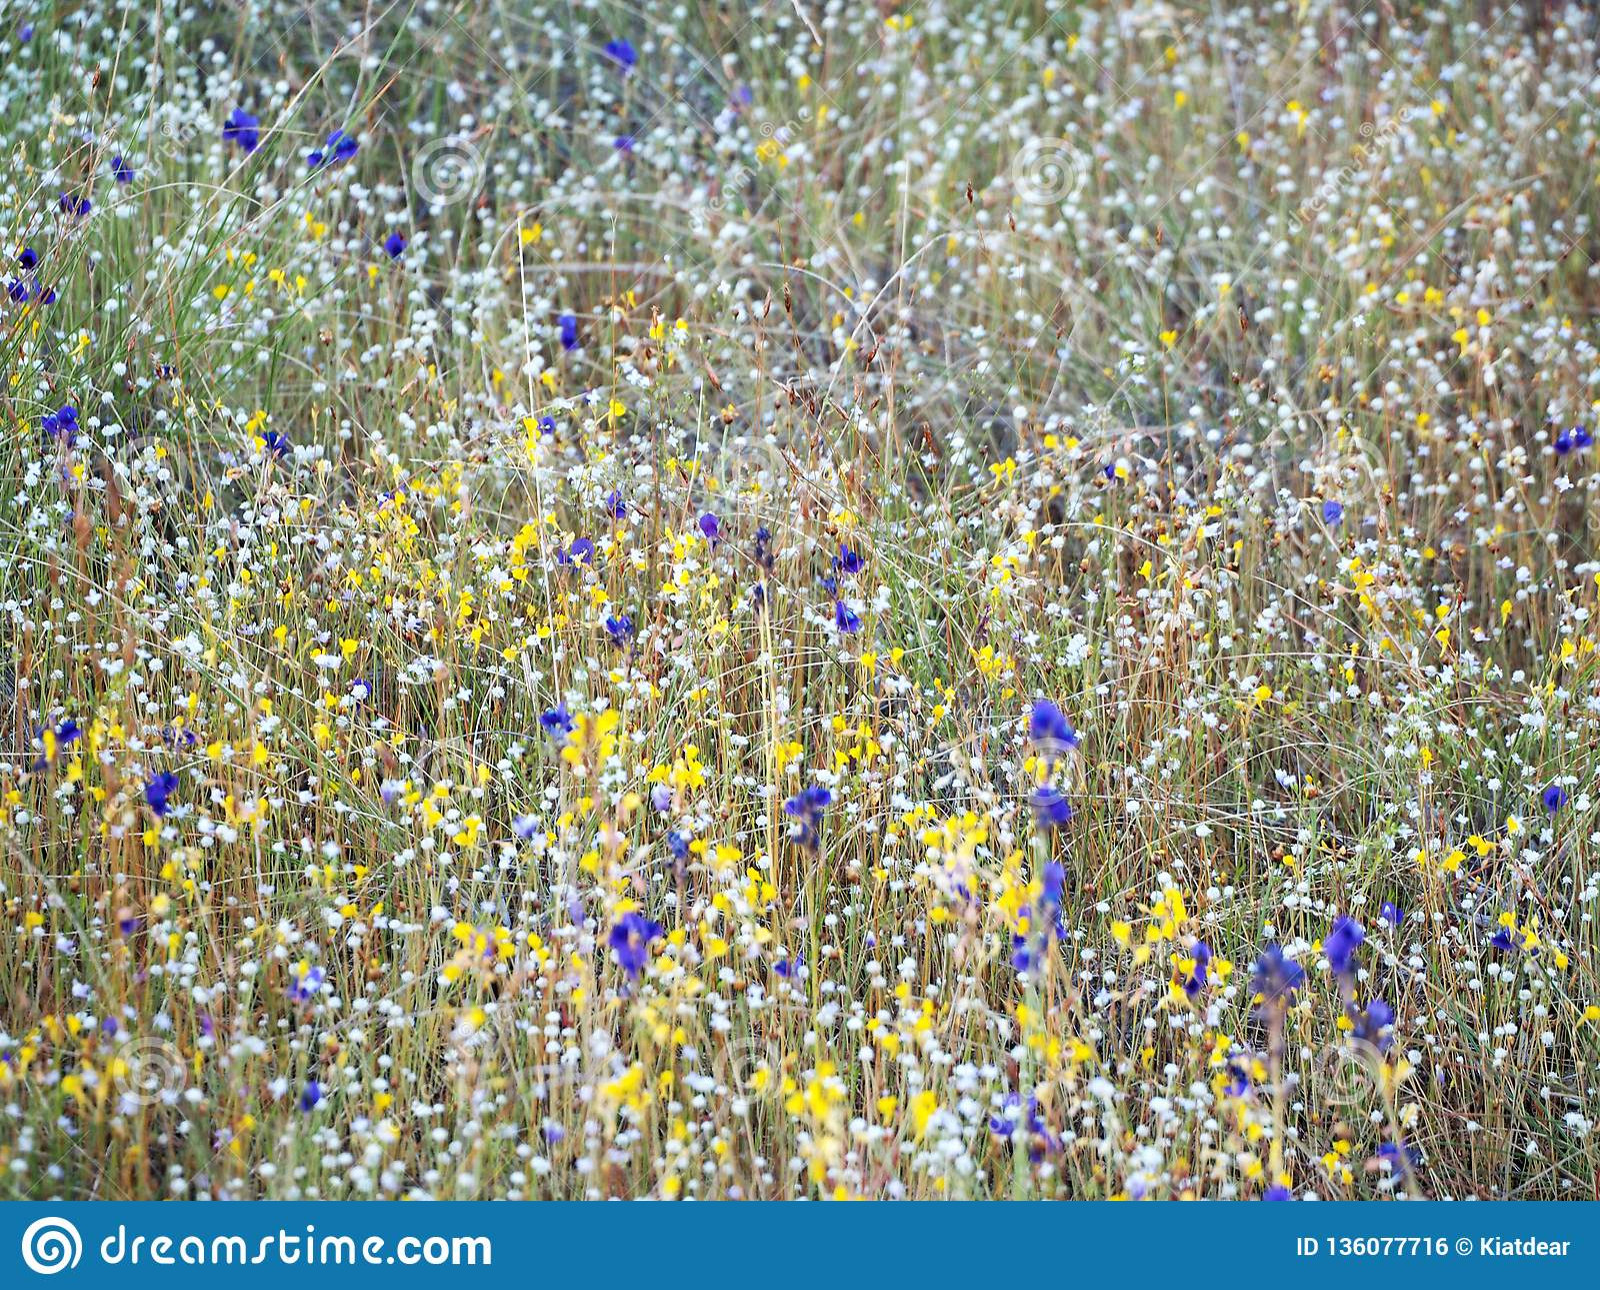 Beautiful grass flower in the field